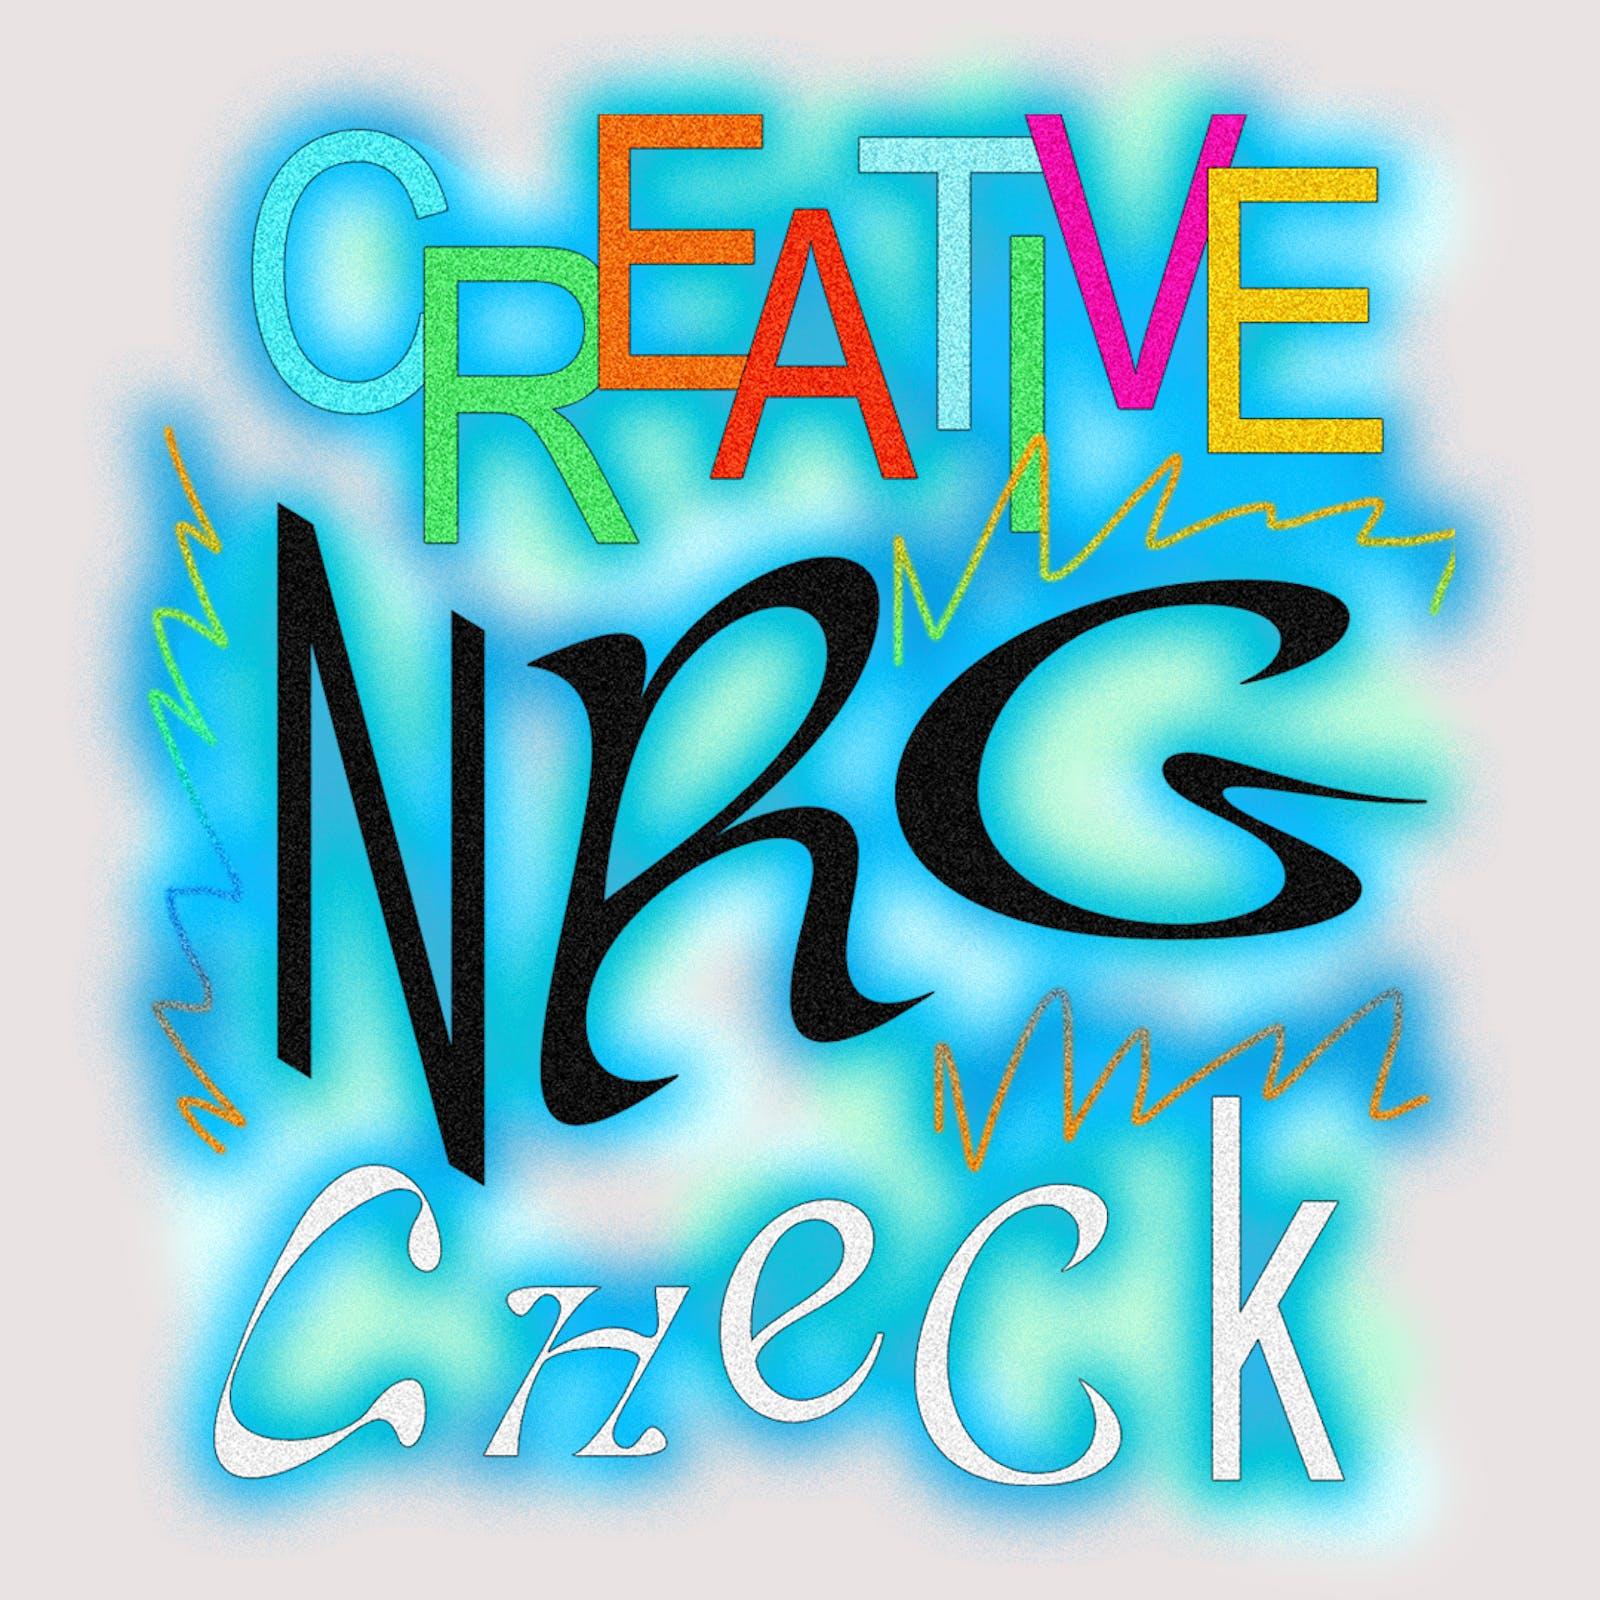 ⚡️BOOK a 1:1 Creative NRG Check⚡️